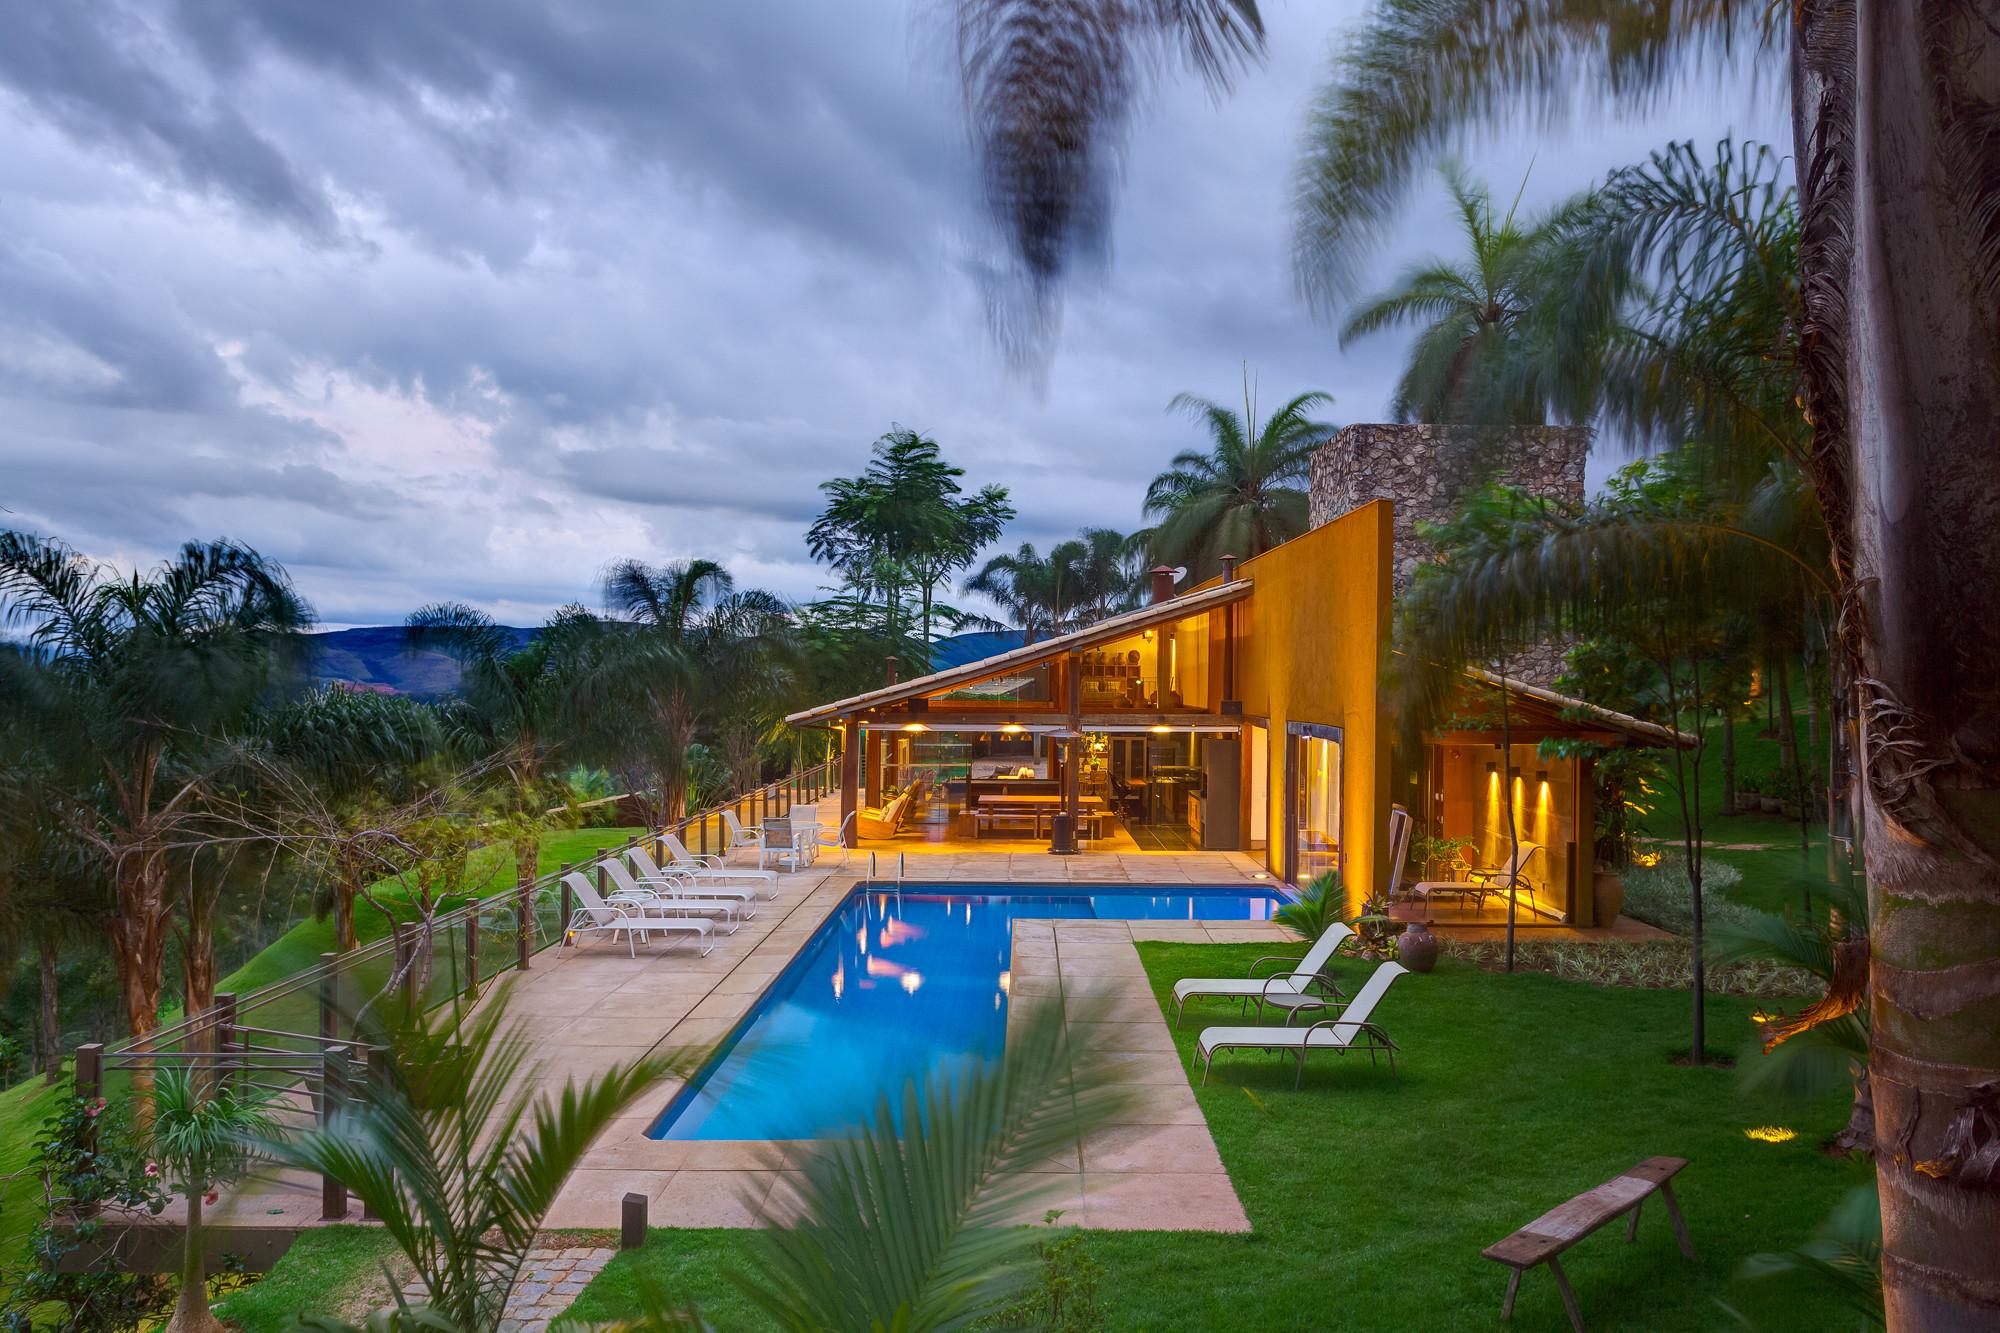 Casa de campo em macacos ana cristina faria maria for Casas de campo modernas con piscina